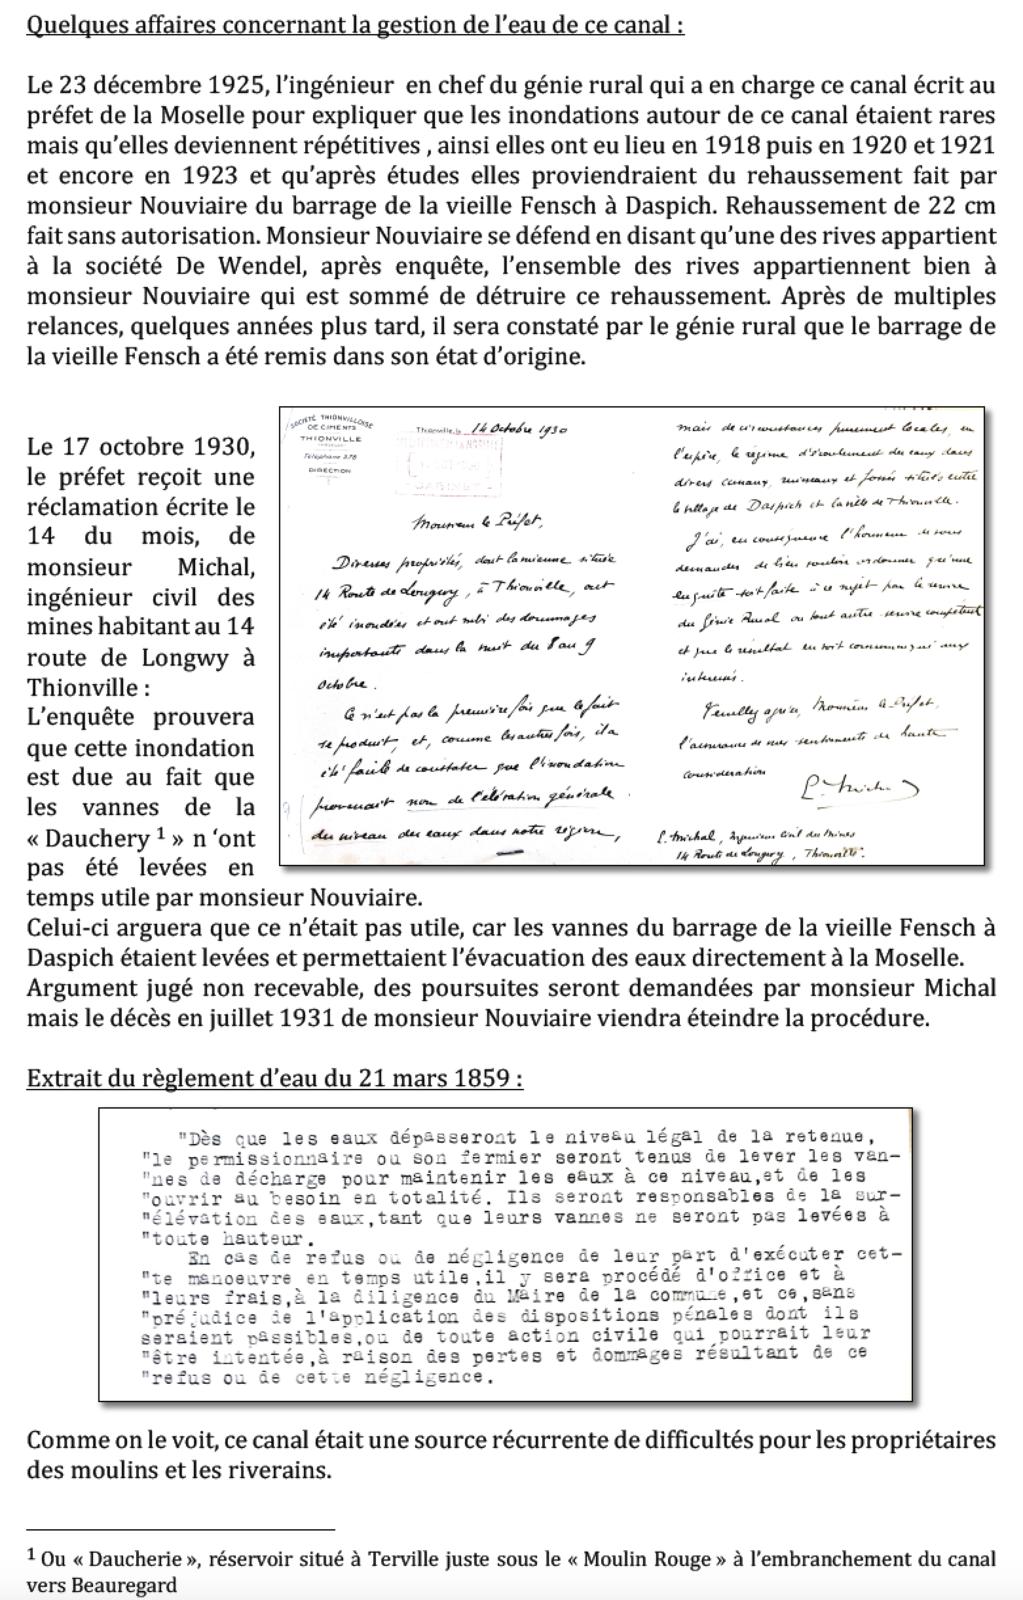 1458-2019 * Vie et mort du moulin de Thionville (suite 3)